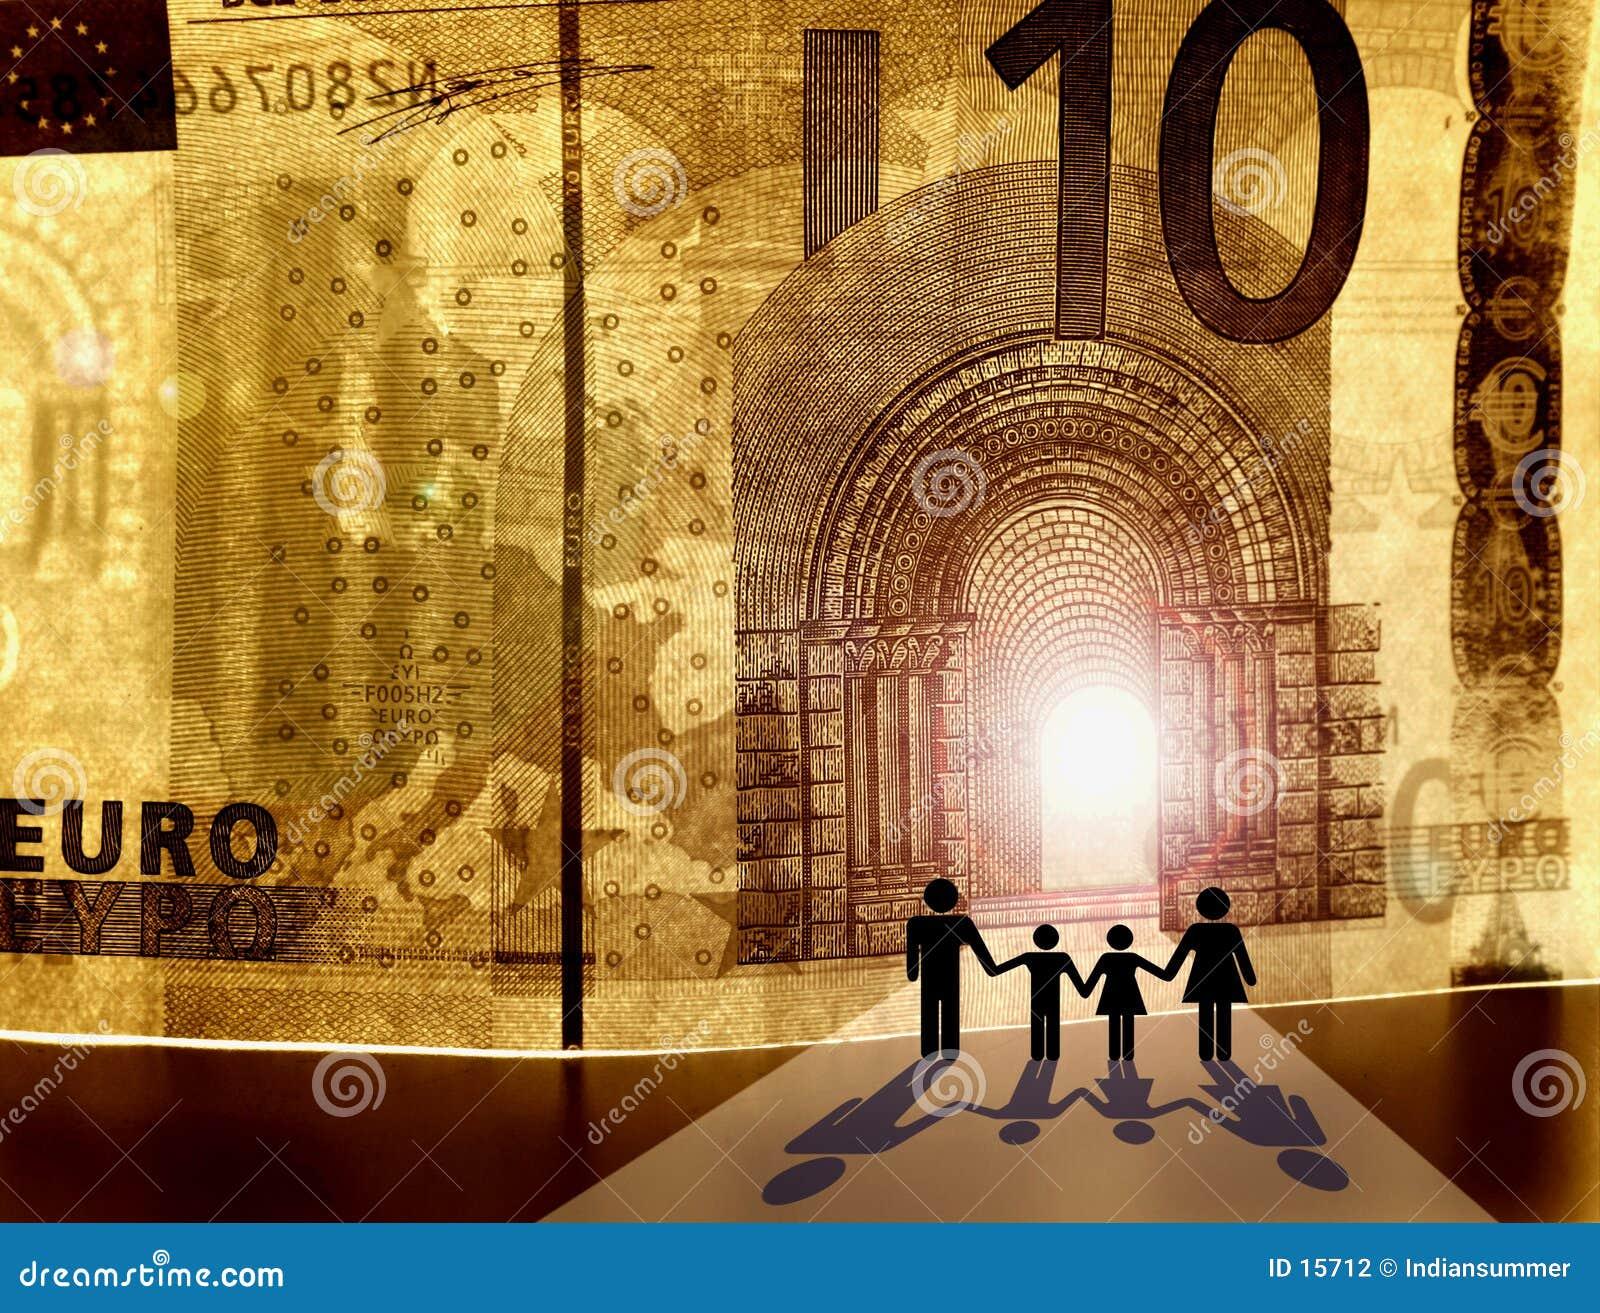 欢迎的王国货币